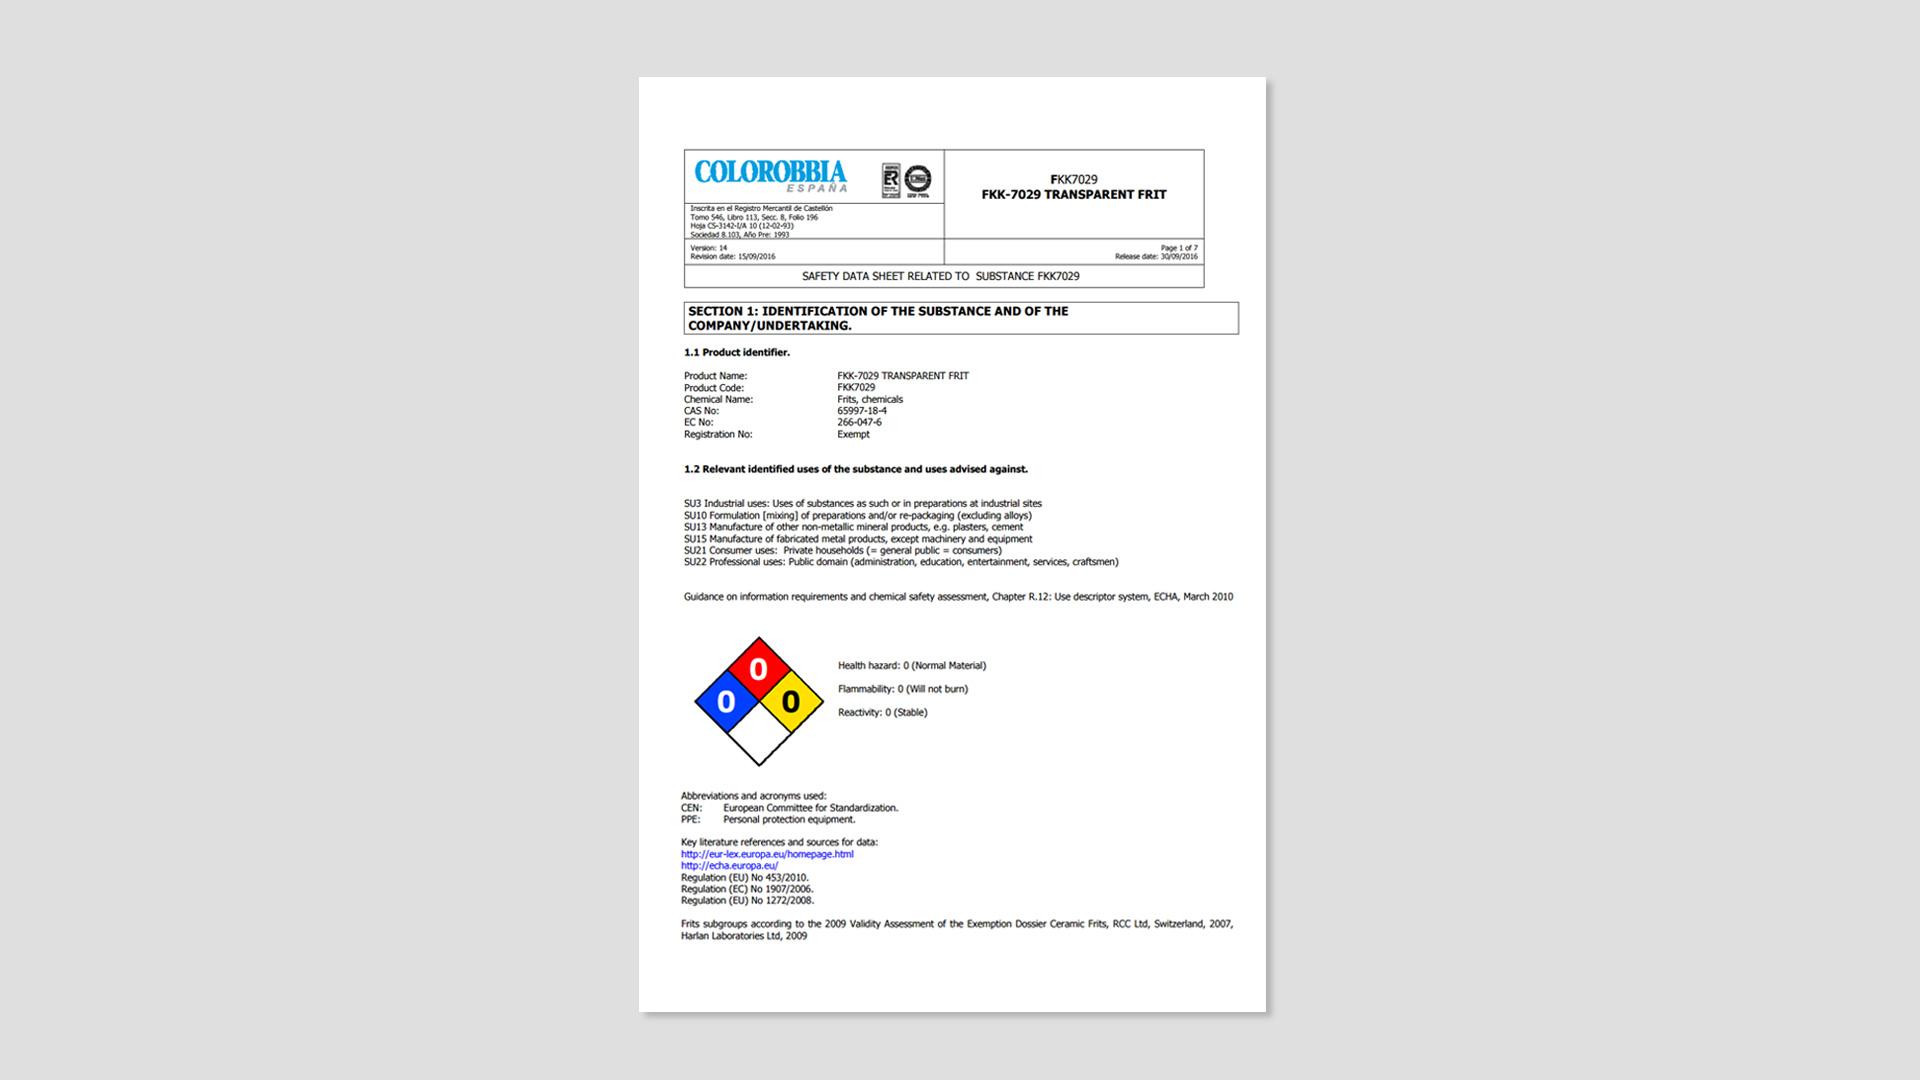 镜线餐具采用西班牙进口瓷土,FKK7029号原料符合欧盟监察委员会等相关条例,环保及耐用性优异。?x-oss-process=image/format,jpg/interlace,1